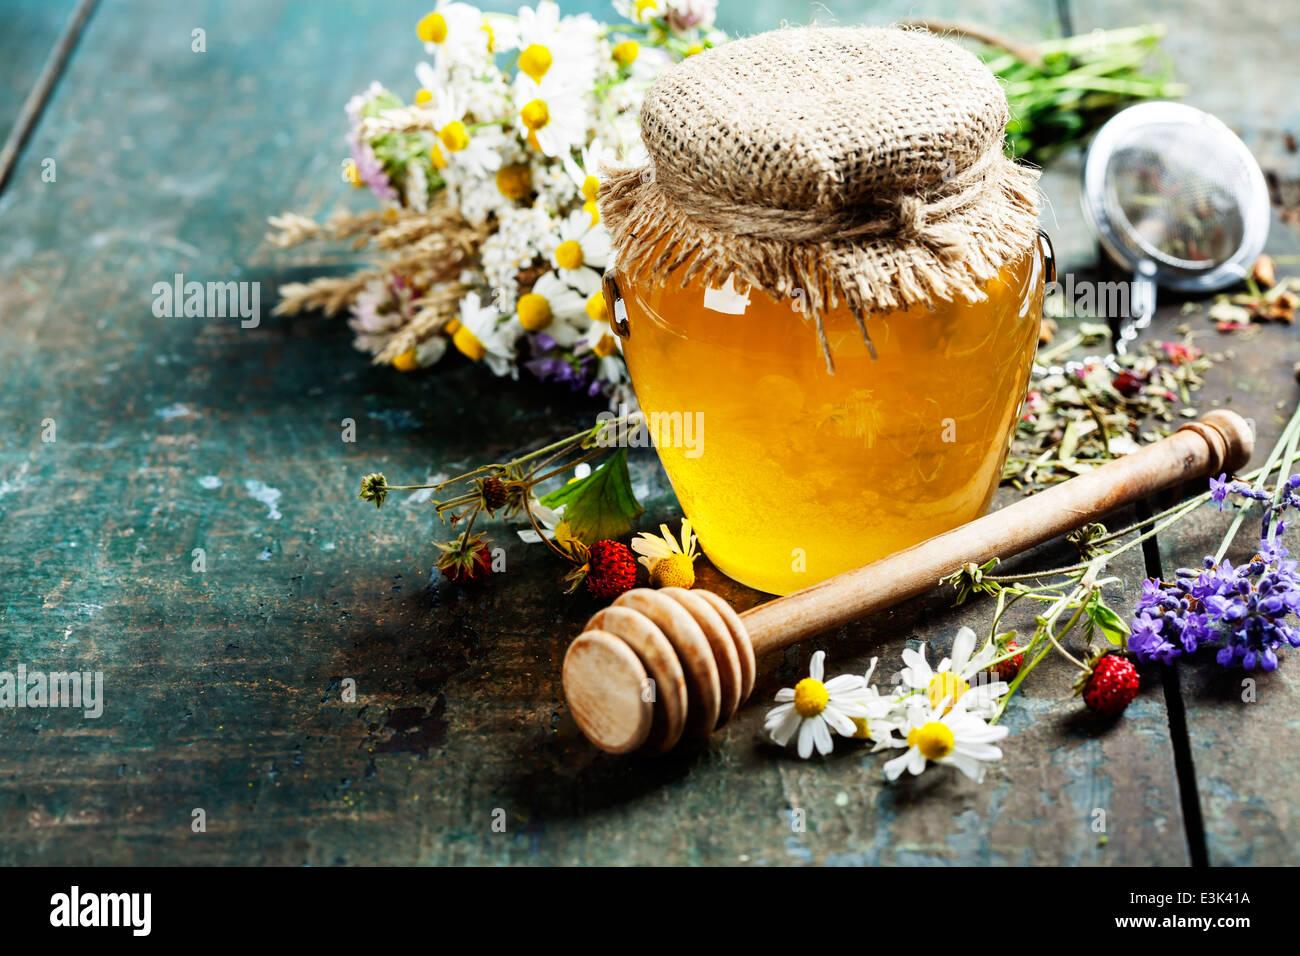 Le miel et le thé de fines herbes sur fond de bois - l'été, de la santé et de l'organic Photo Stock